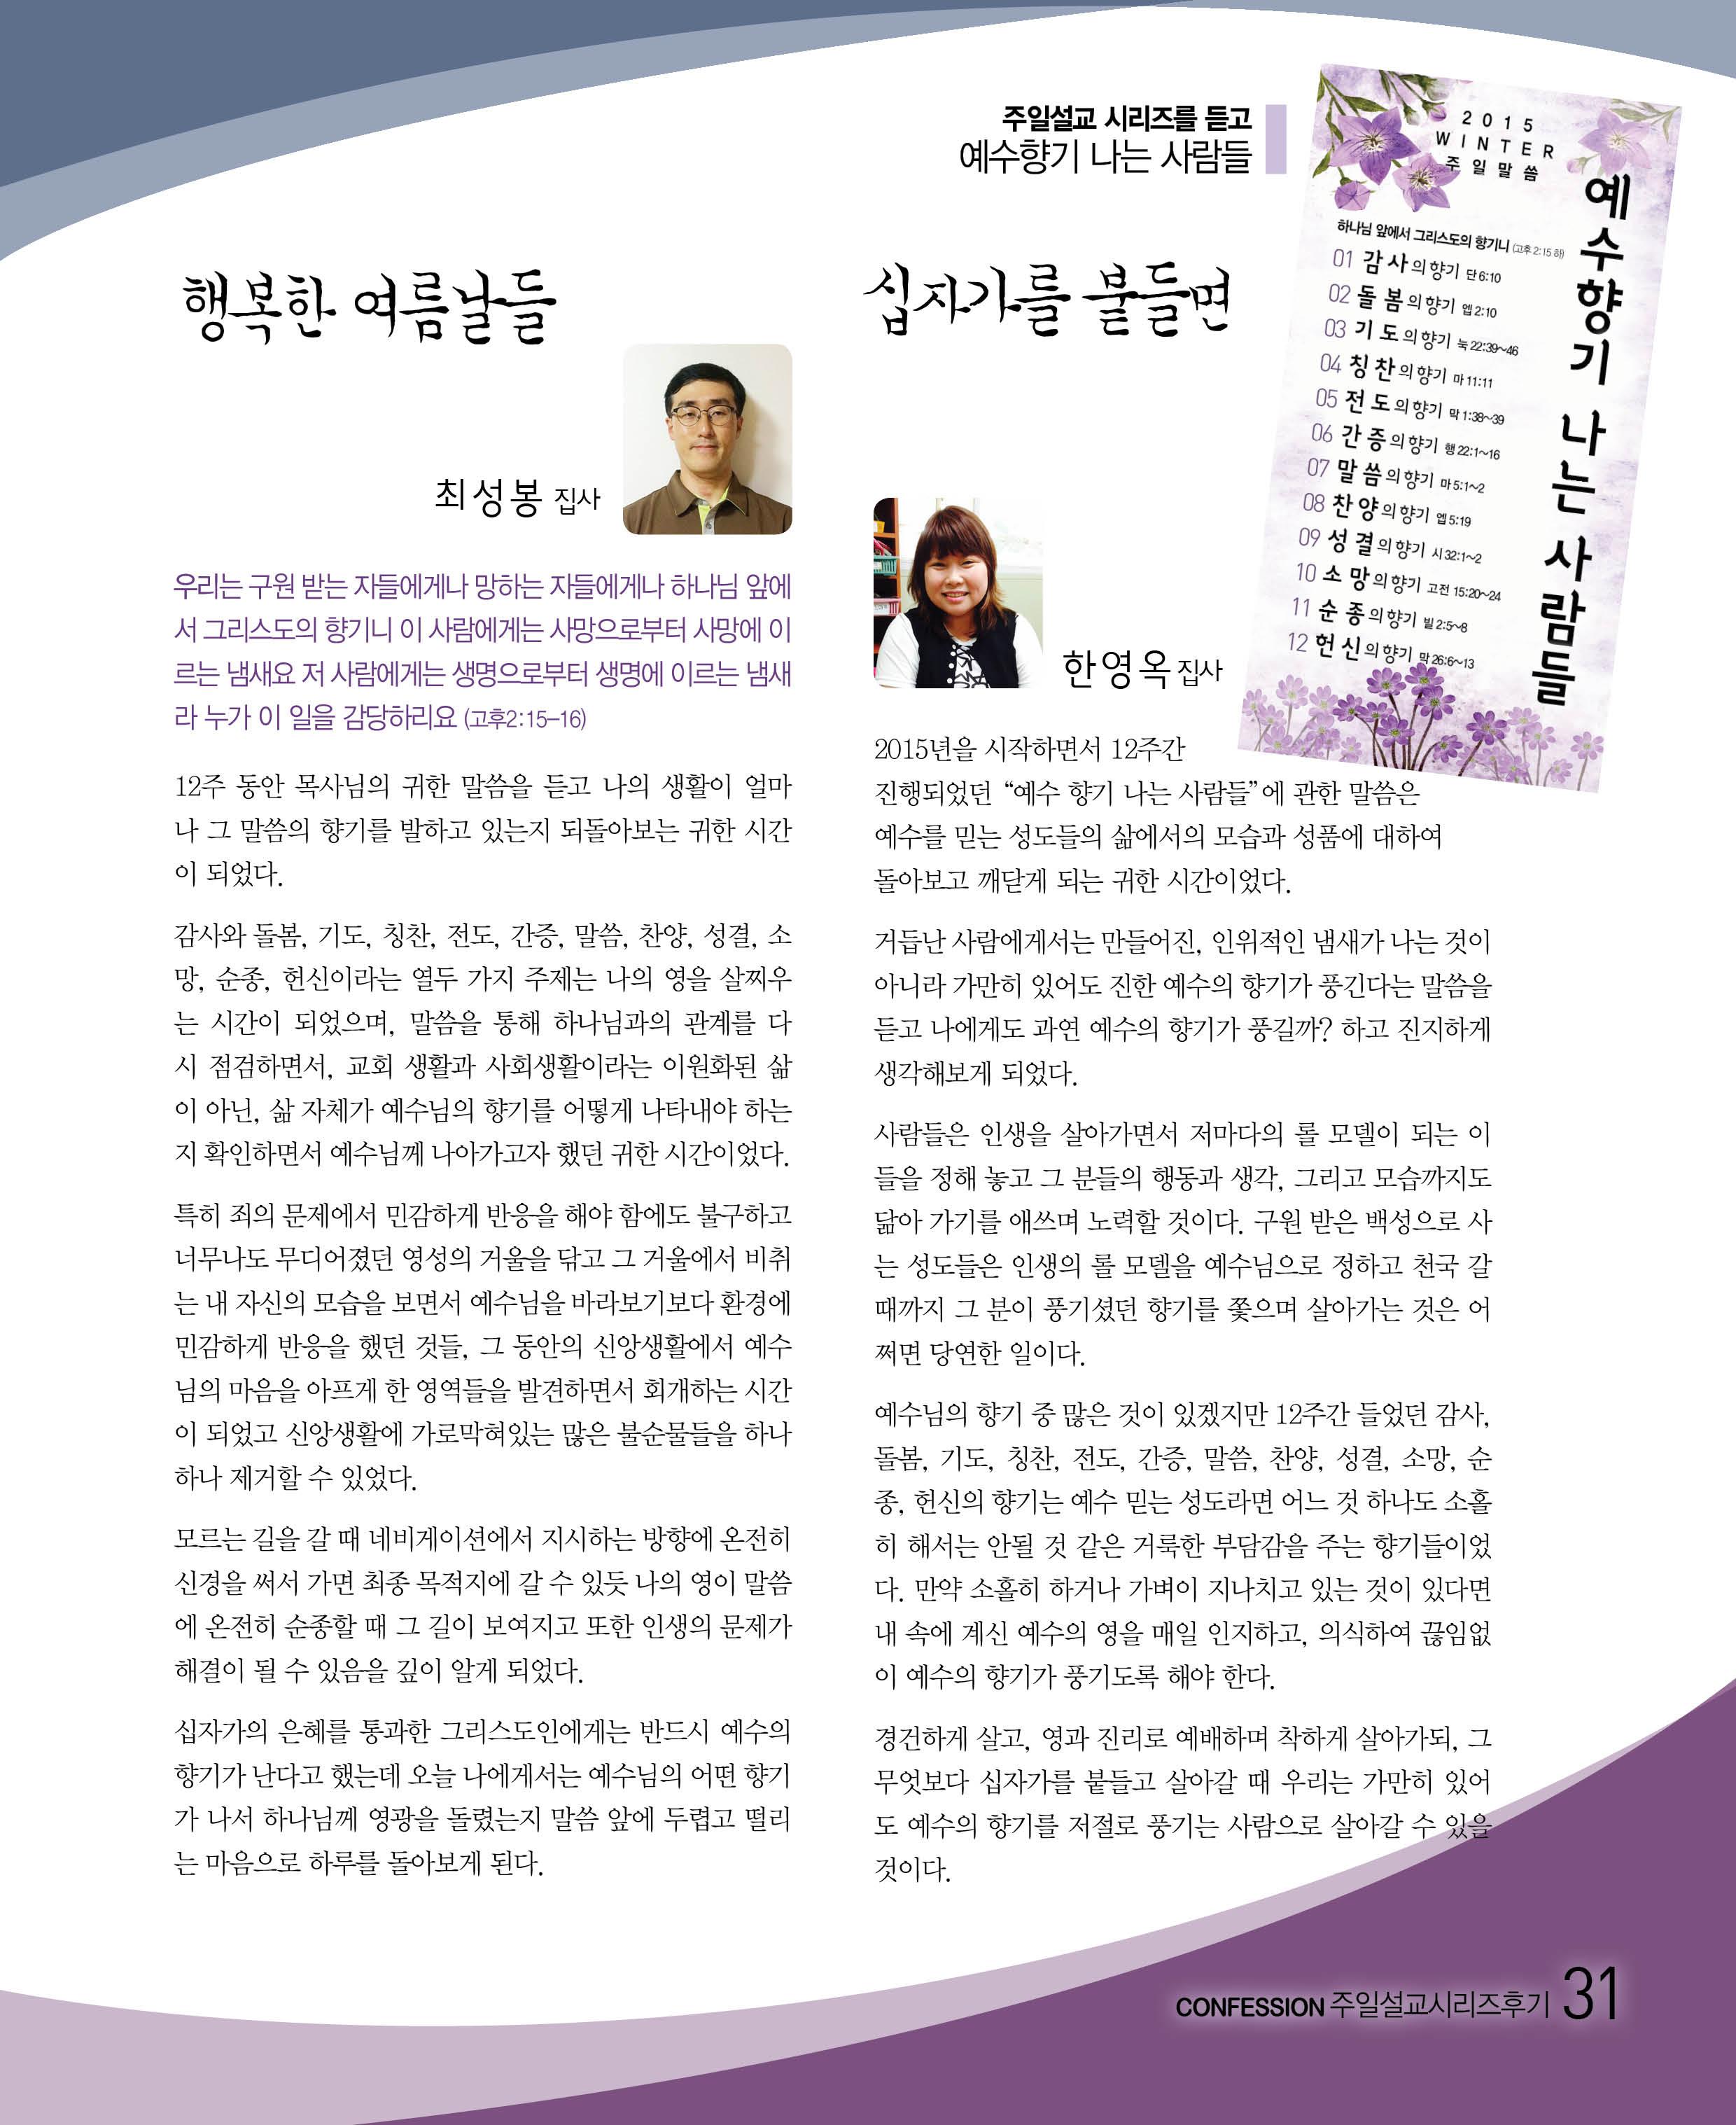 수정동교회소식지16호최종31.jpg